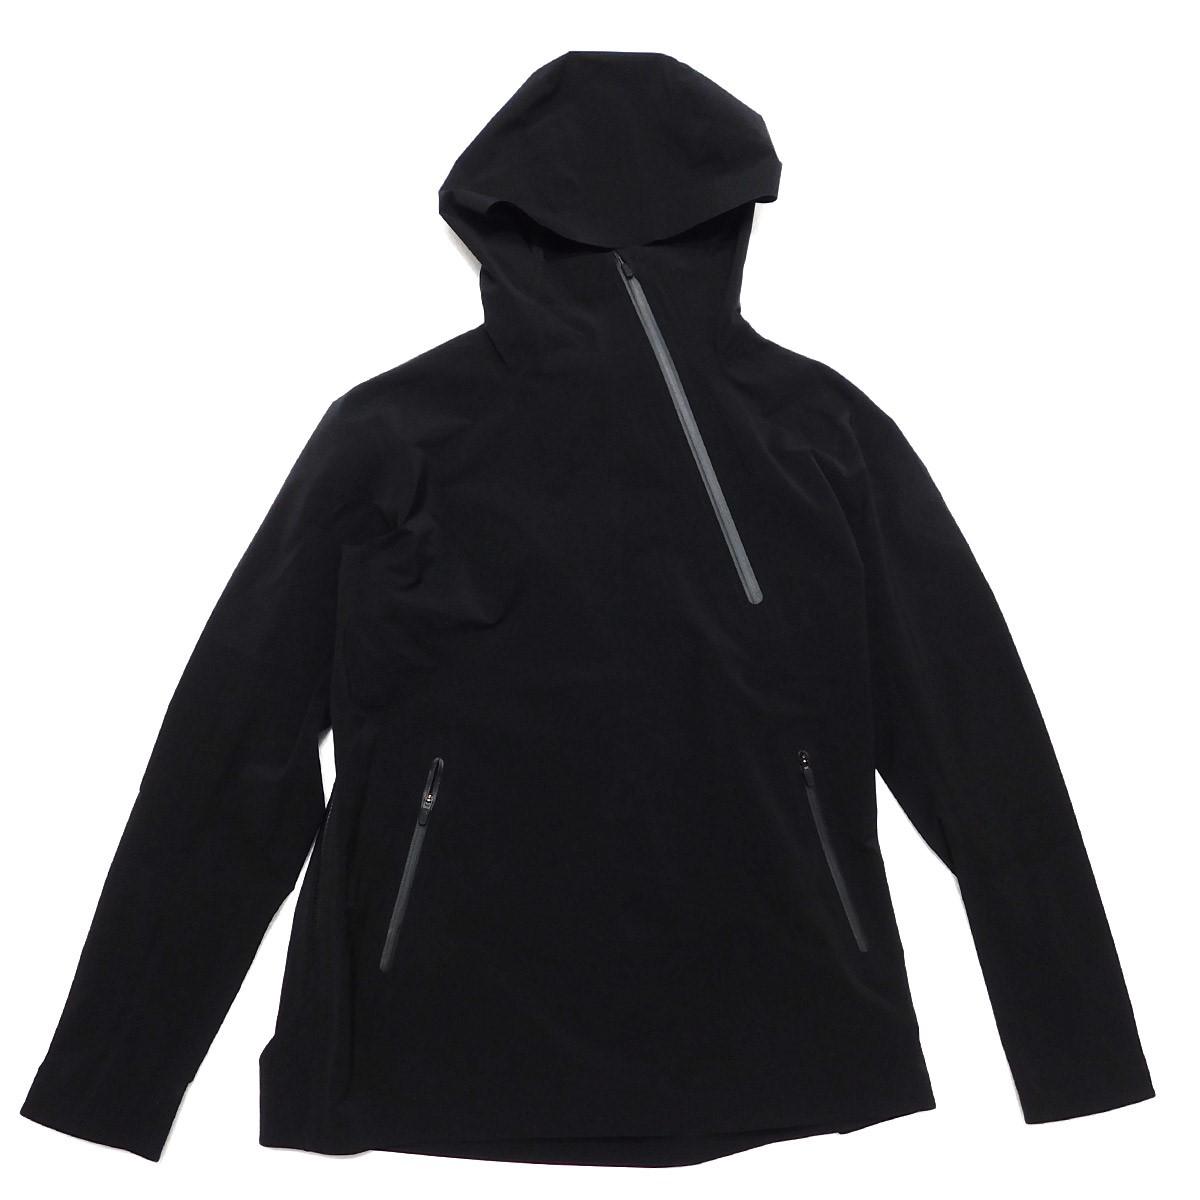 【中古】Descente ALLTERRAIN DAMLGC42 PARAHEM JACKET ブラック サイズ:L 【080520】(デサント オルテライン)